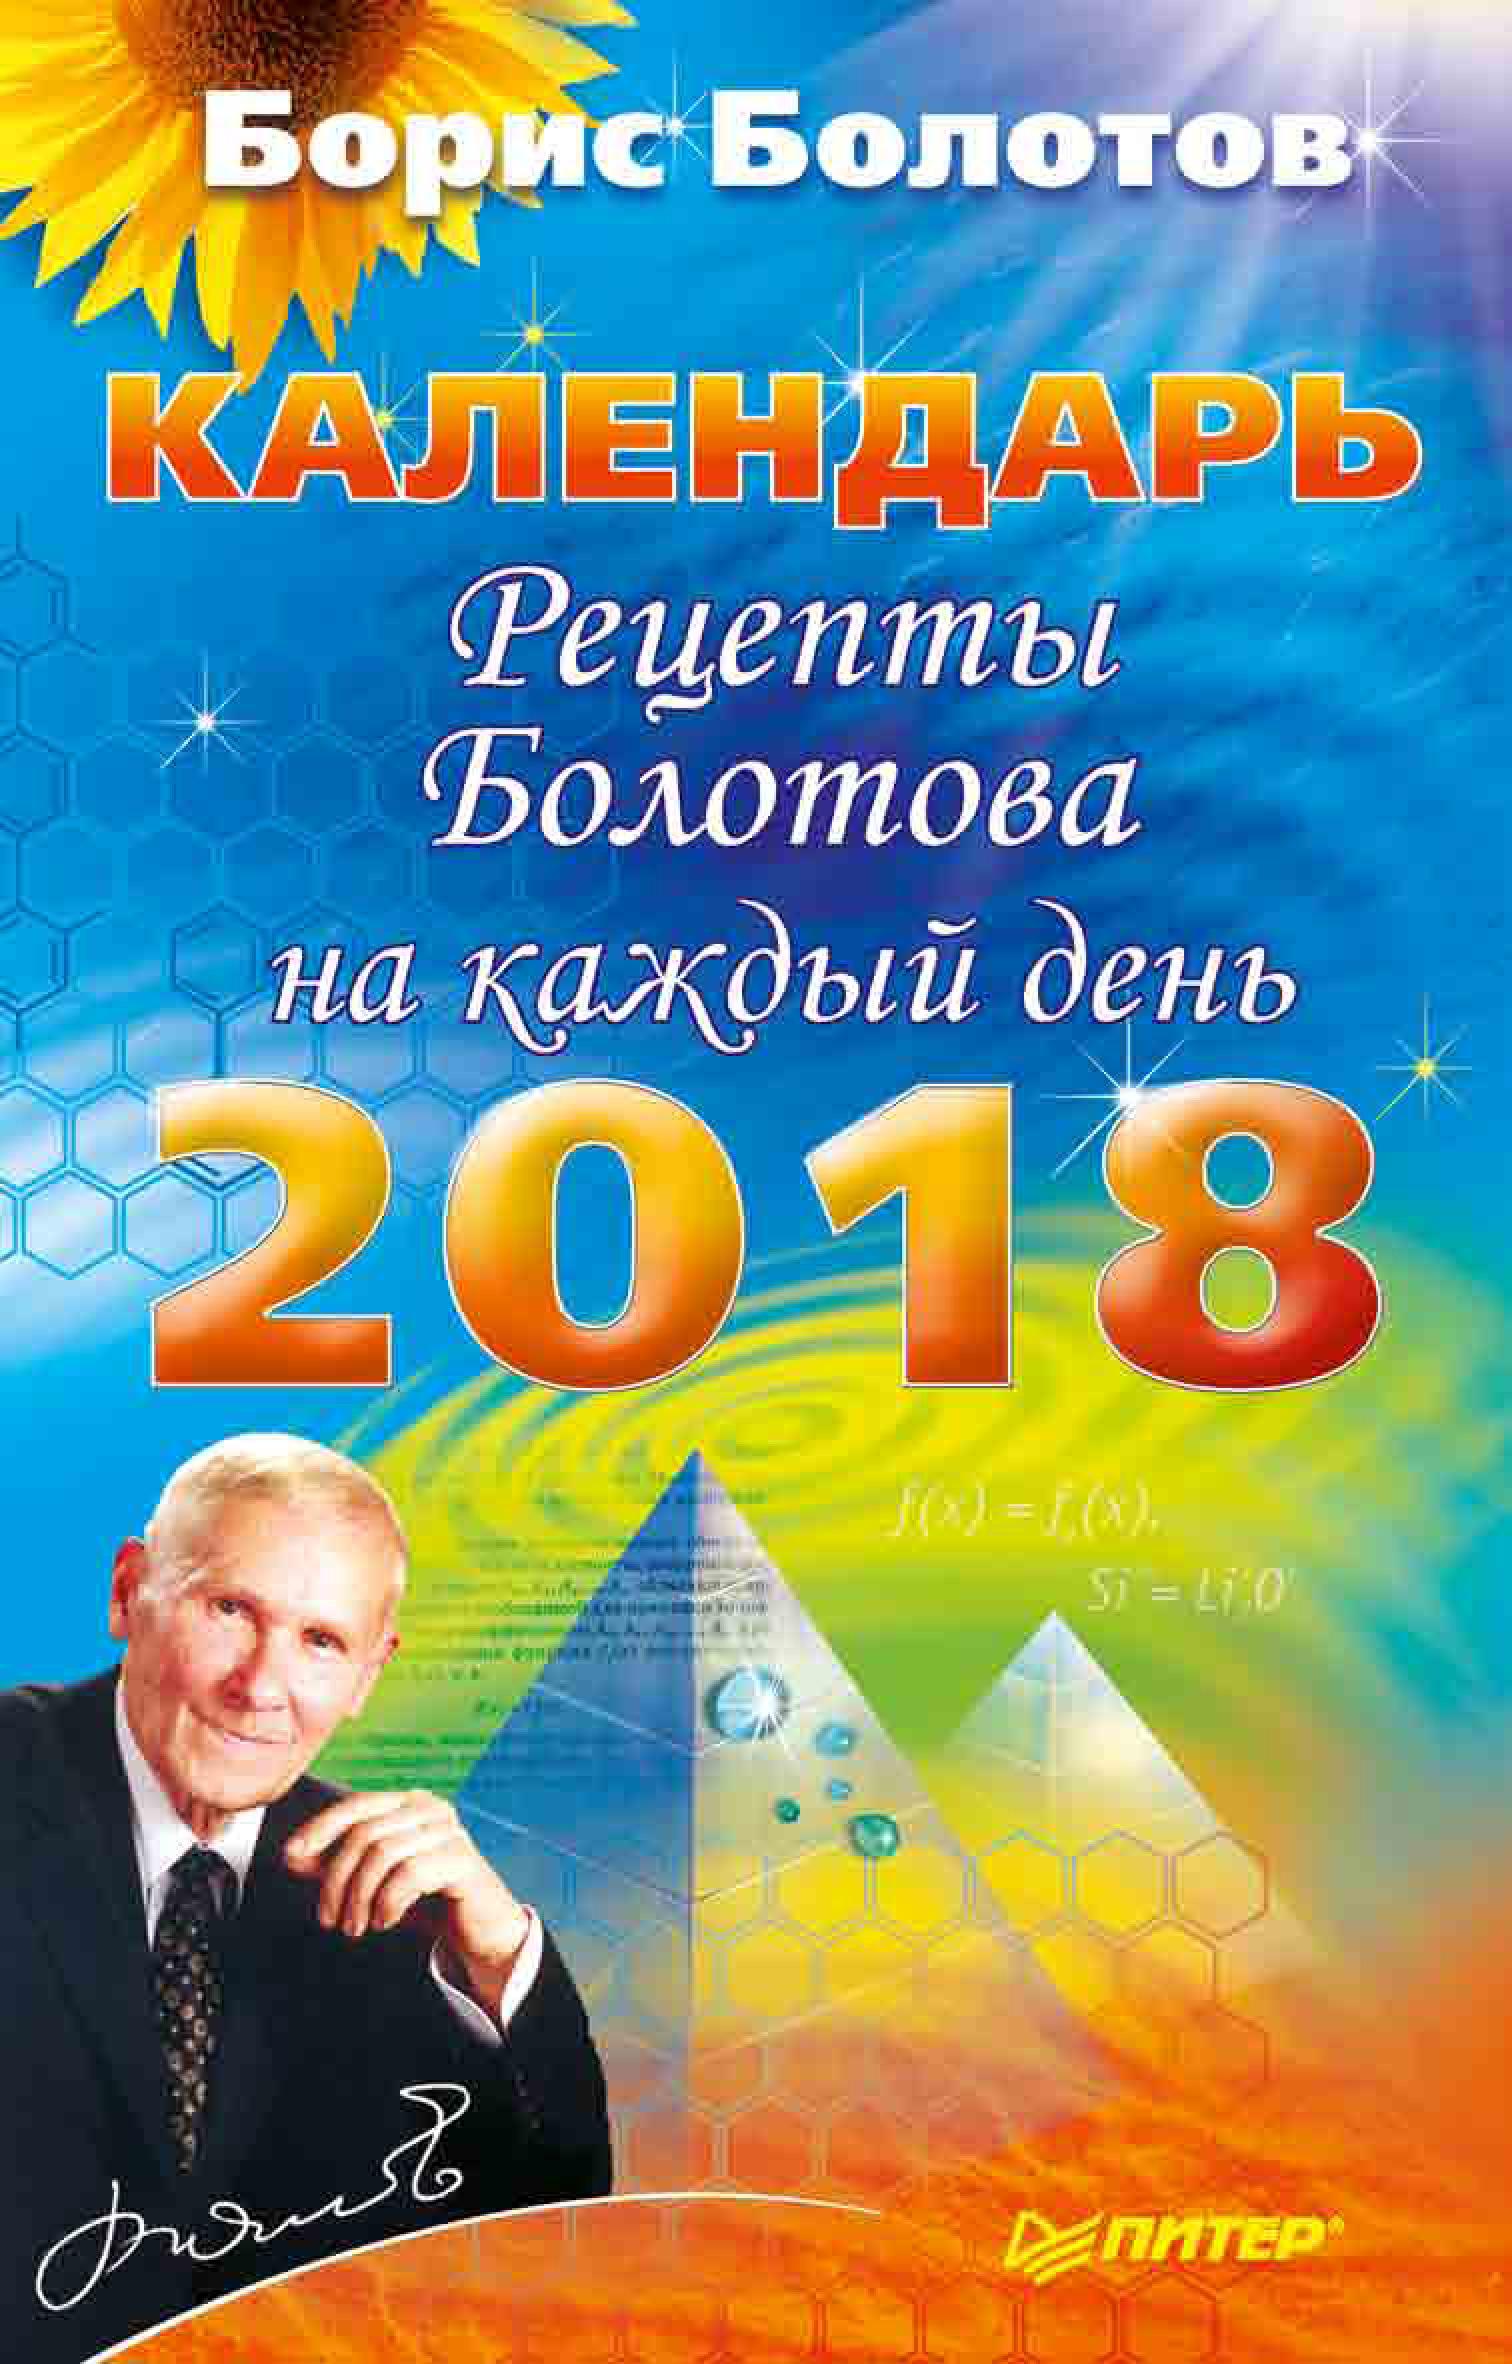 Борис Болотов Рецепты Болотова на каждый день. Календарь на 2018 год медицина болотова